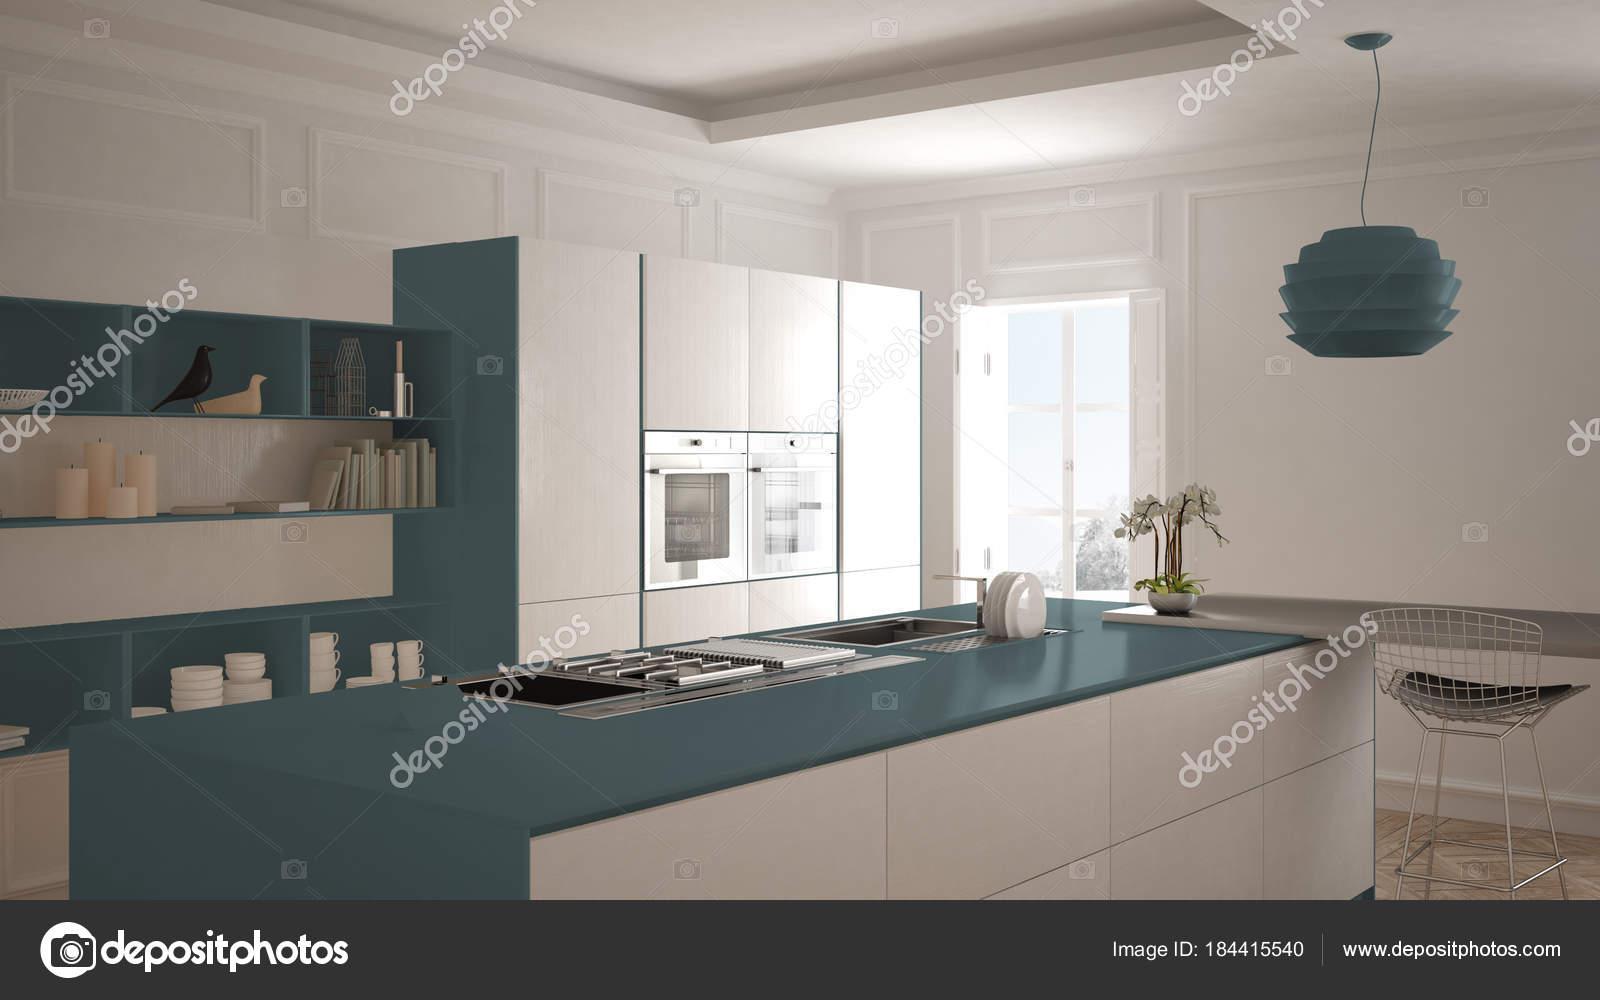 Cucina moderna in interni classici isola con sgabelli e due grande